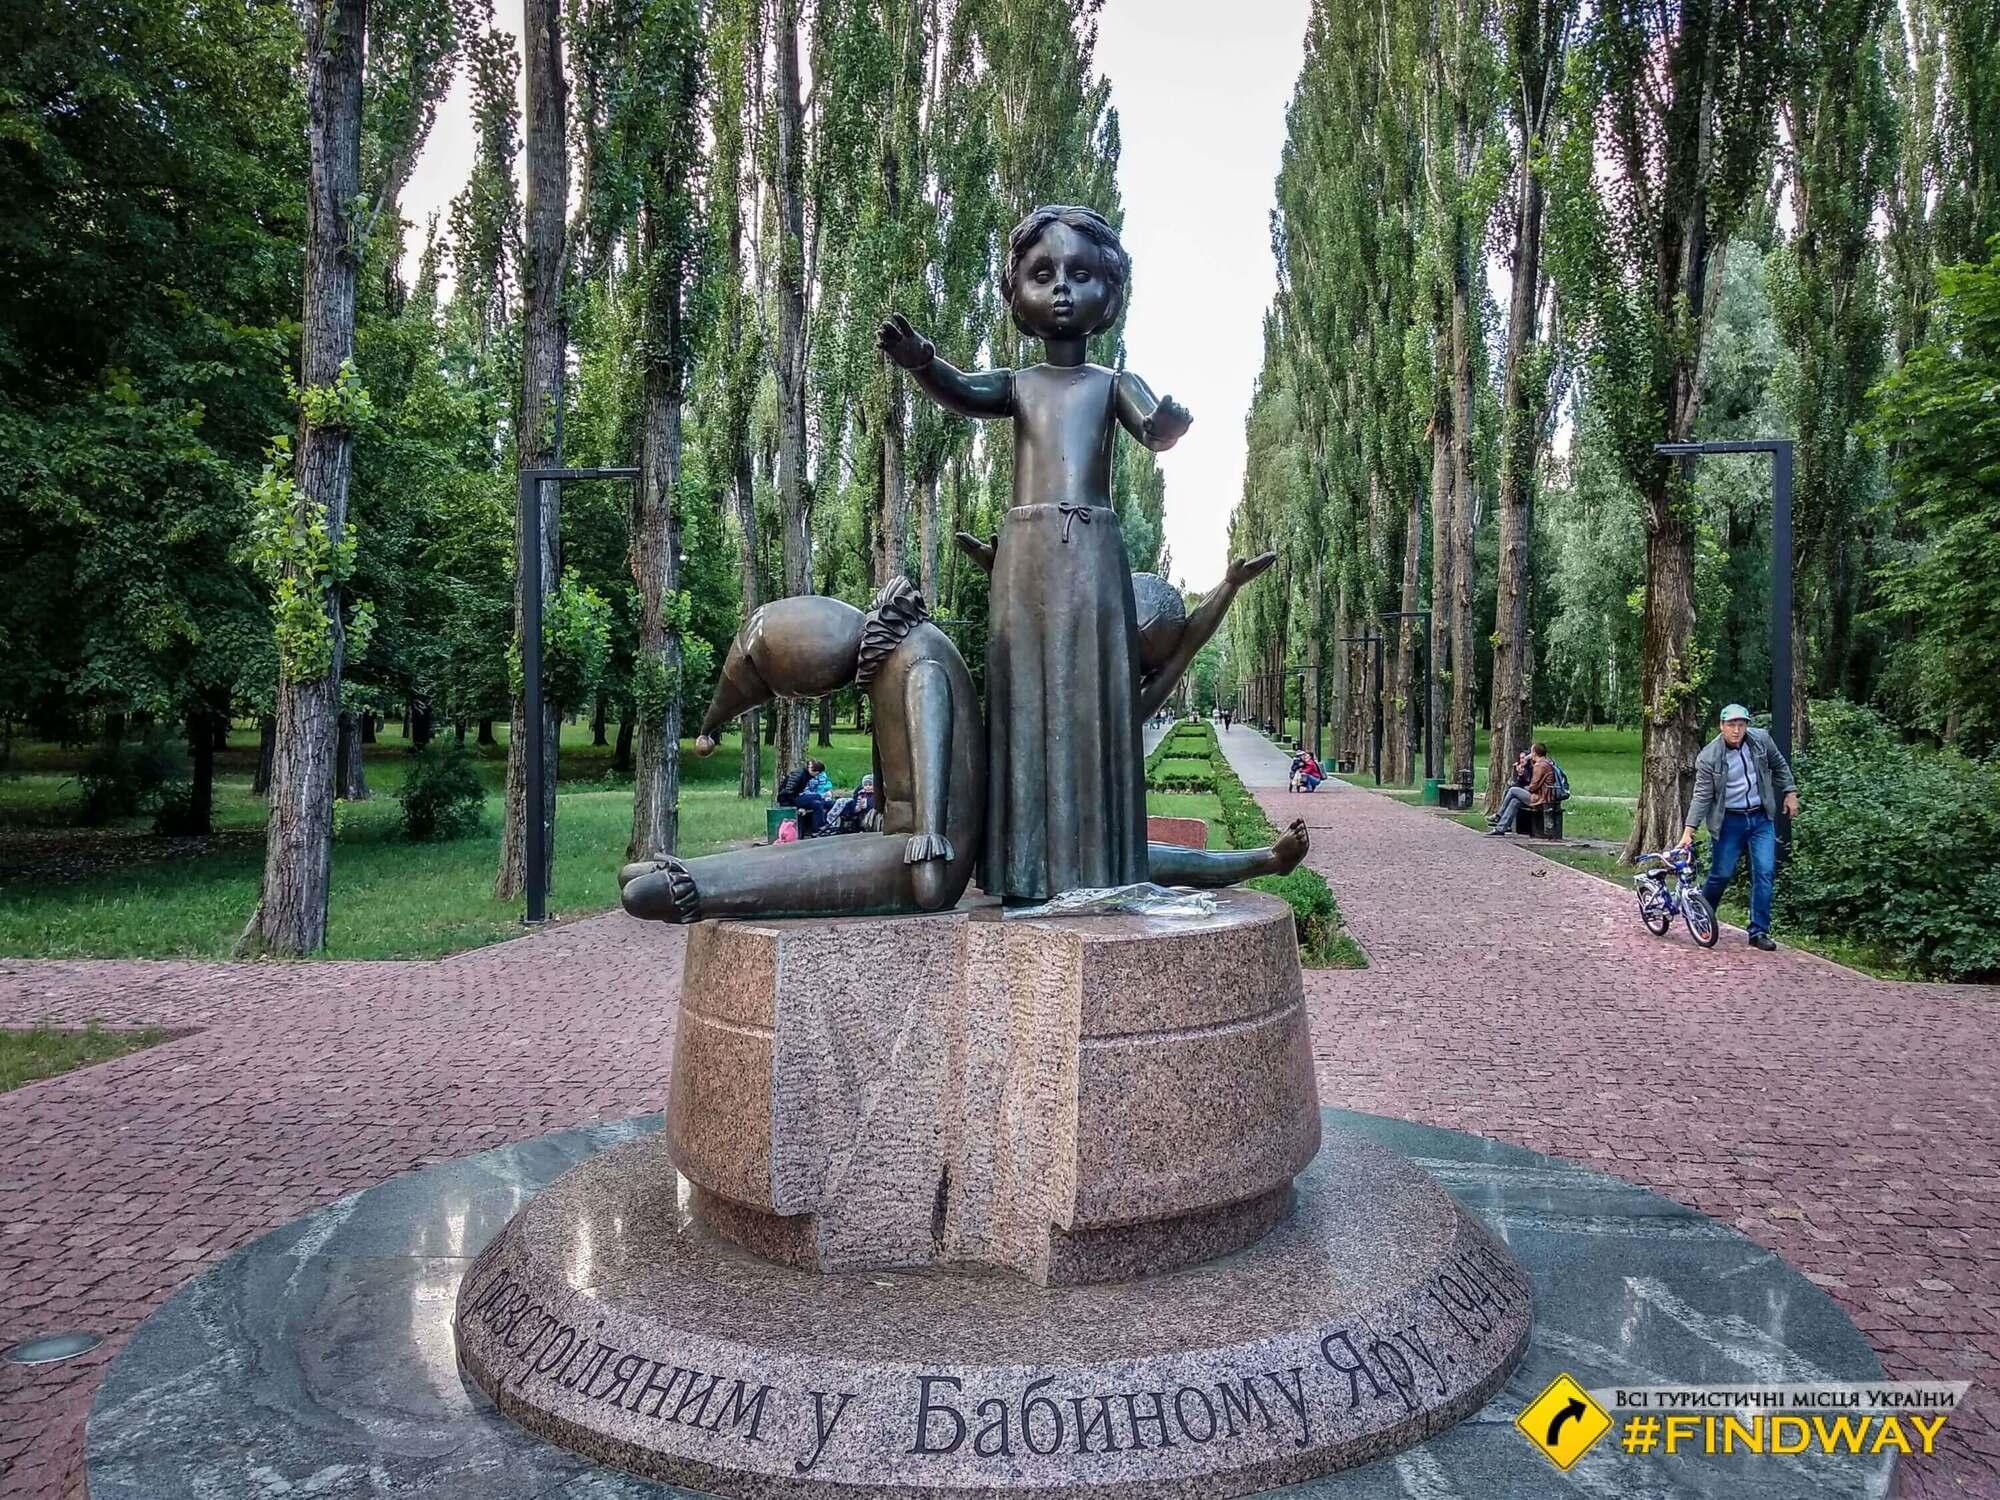 Памятник расстрелянным в Бабьем Яру.